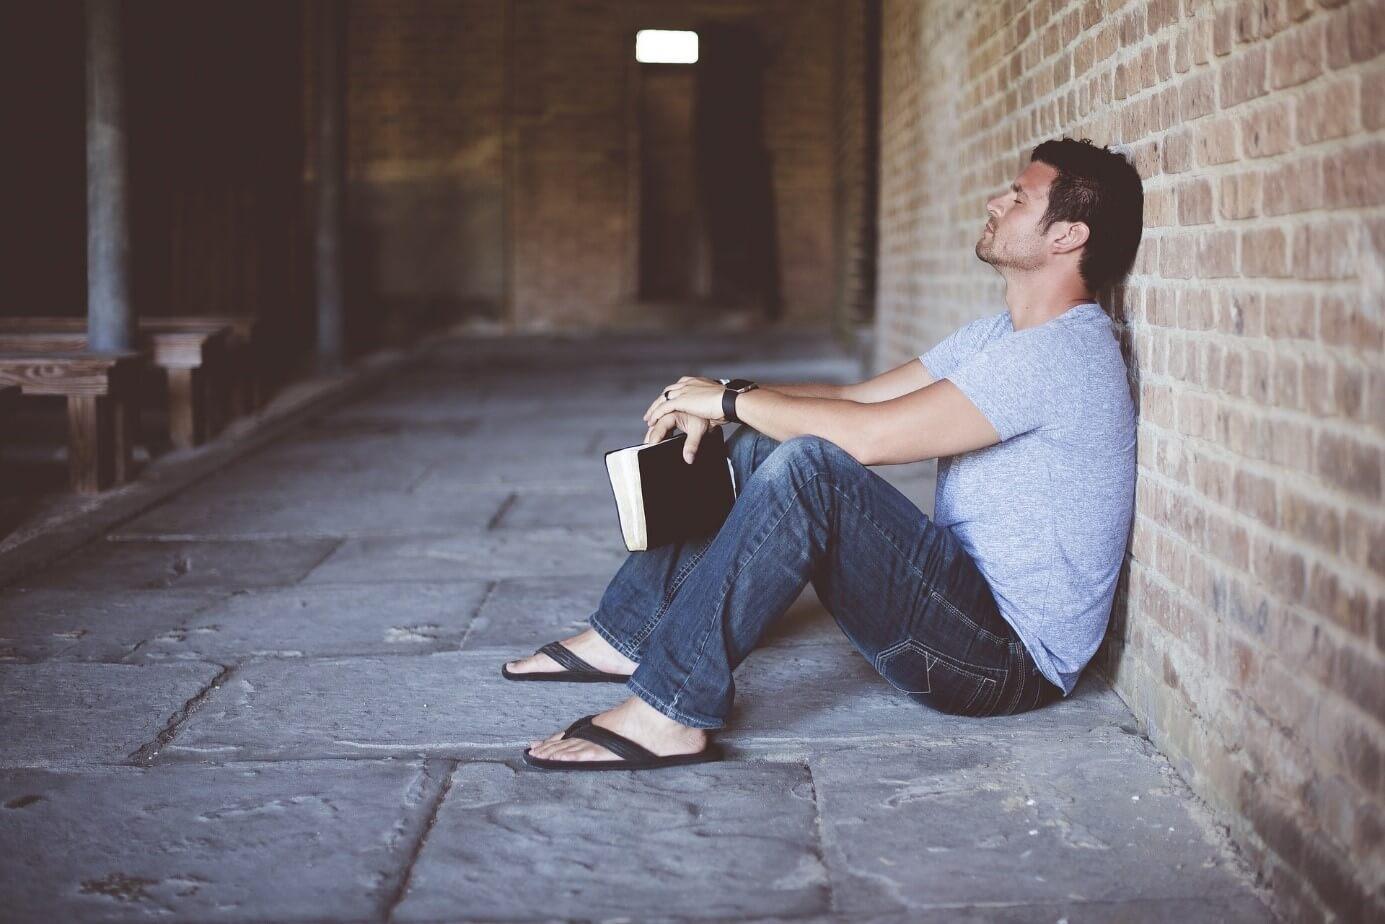 Hoffnungslosikeit, Stress, Student am Boden, Studentenleben